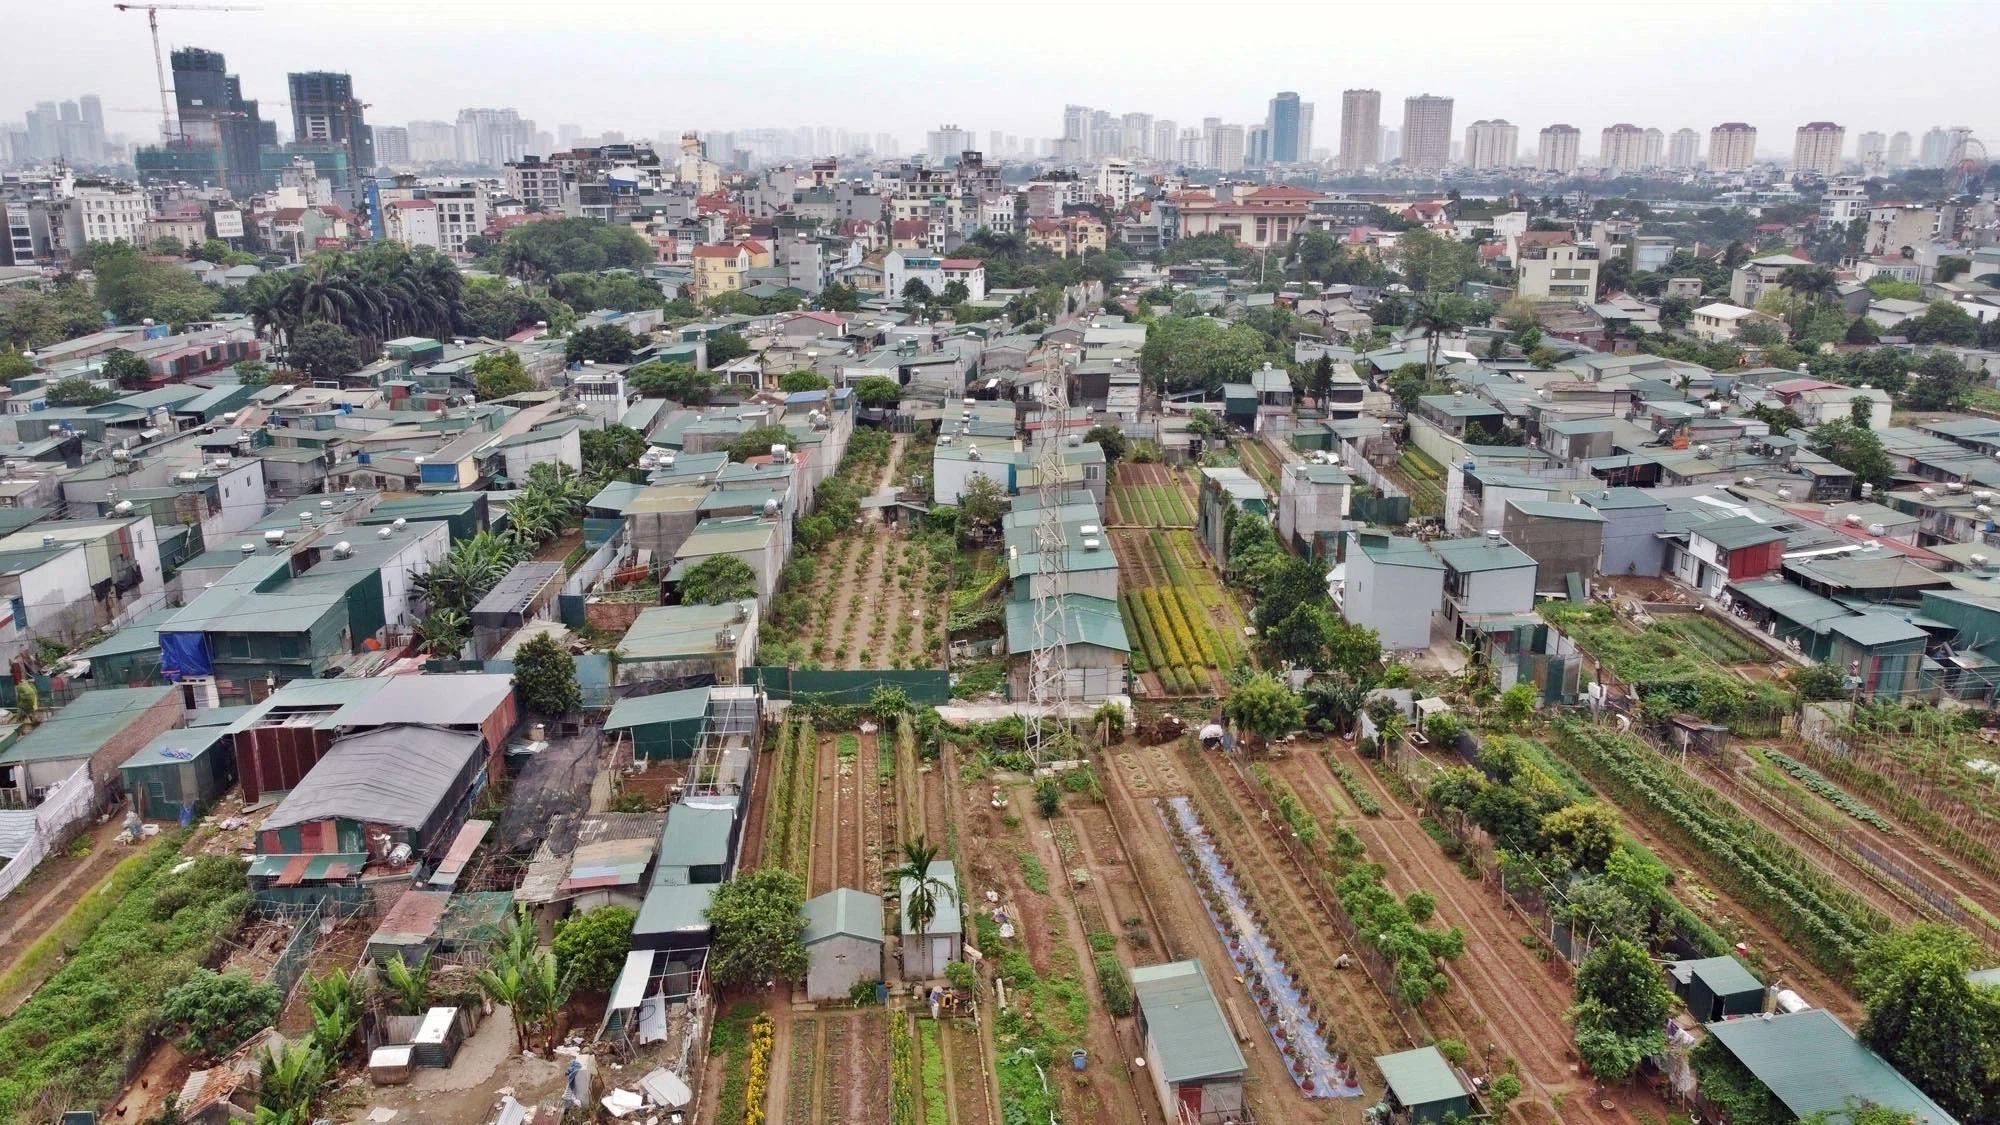 Toàn cảnh hiện trạng Phân khu đô thị sông Hồng trên địa bàn quận Tây Hồ - Ảnh 26.